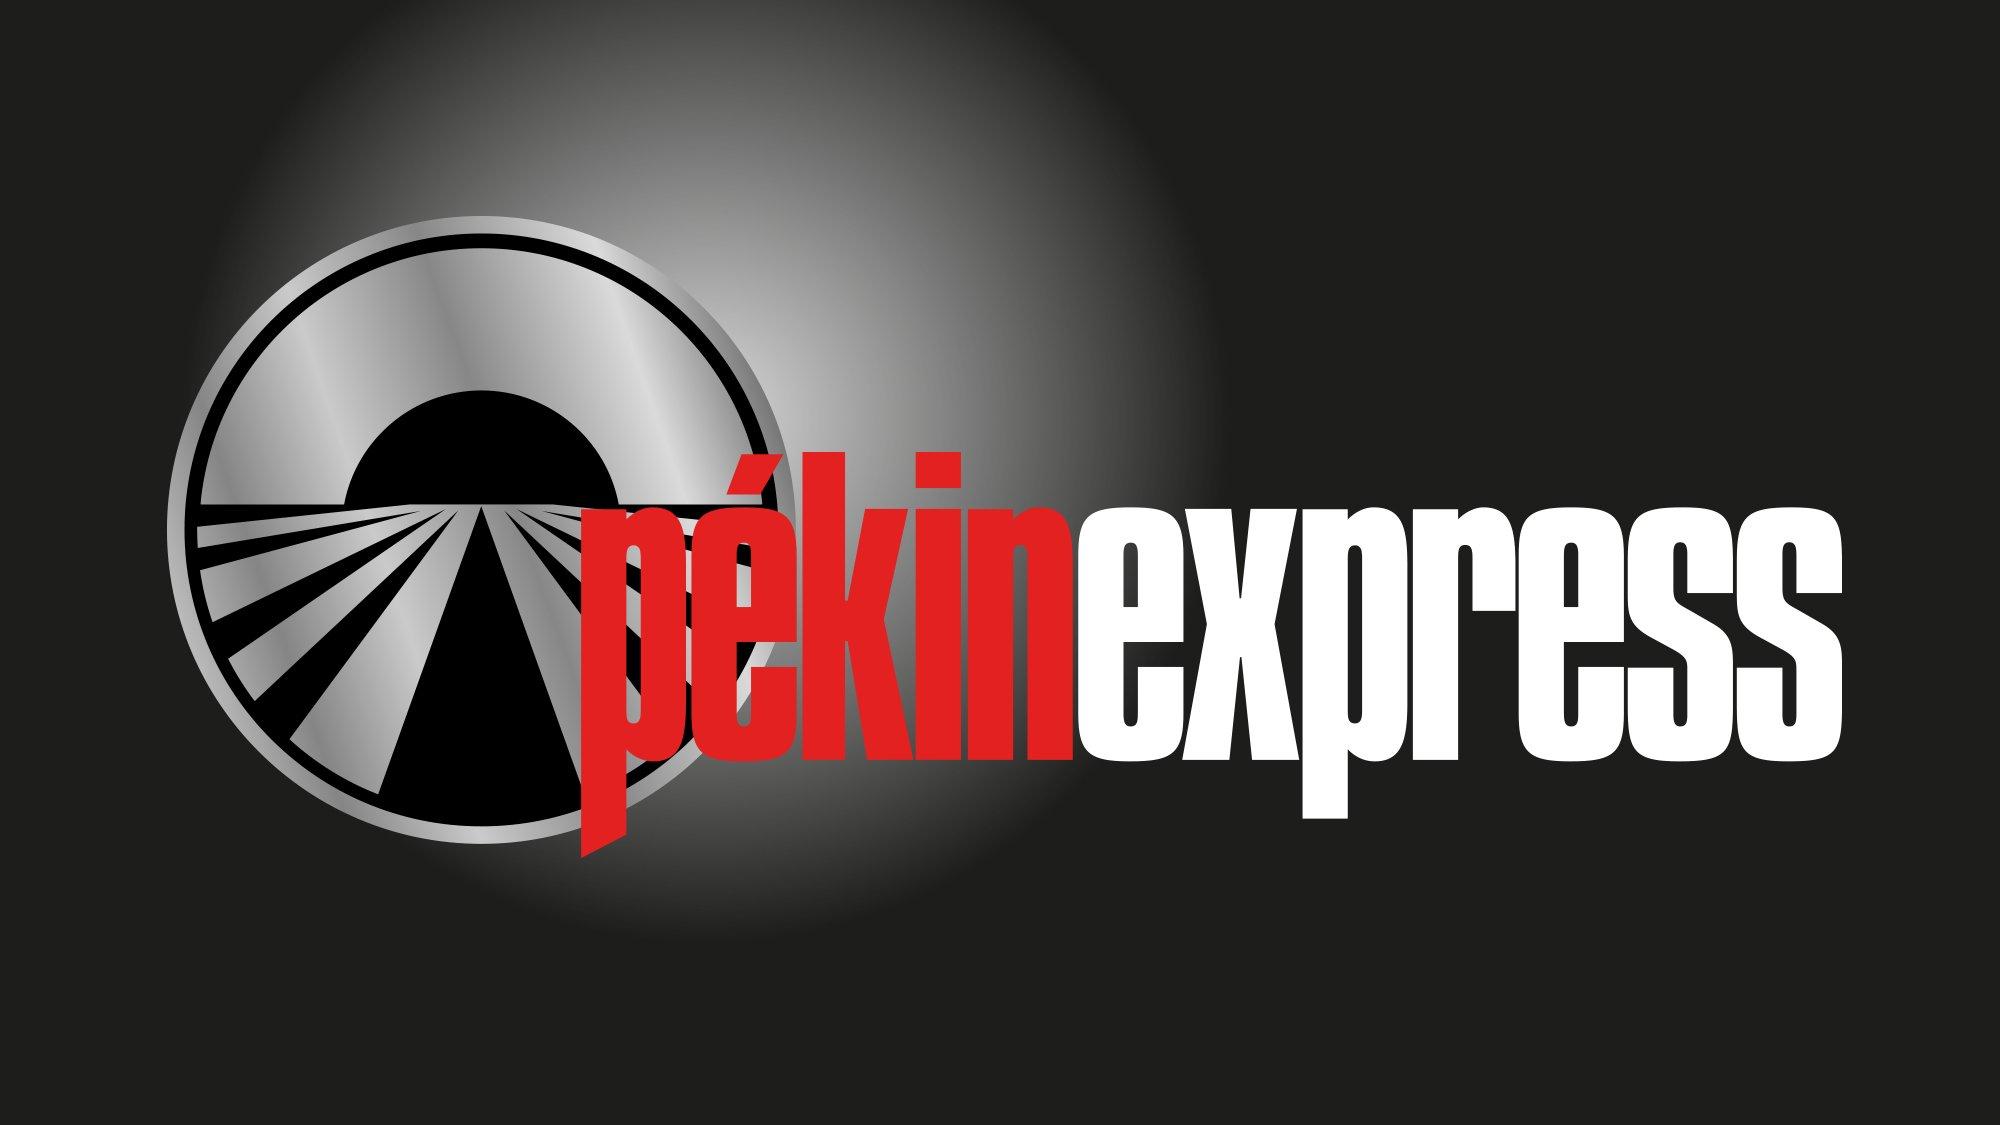 p kin express 2018 m6. Black Bedroom Furniture Sets. Home Design Ideas